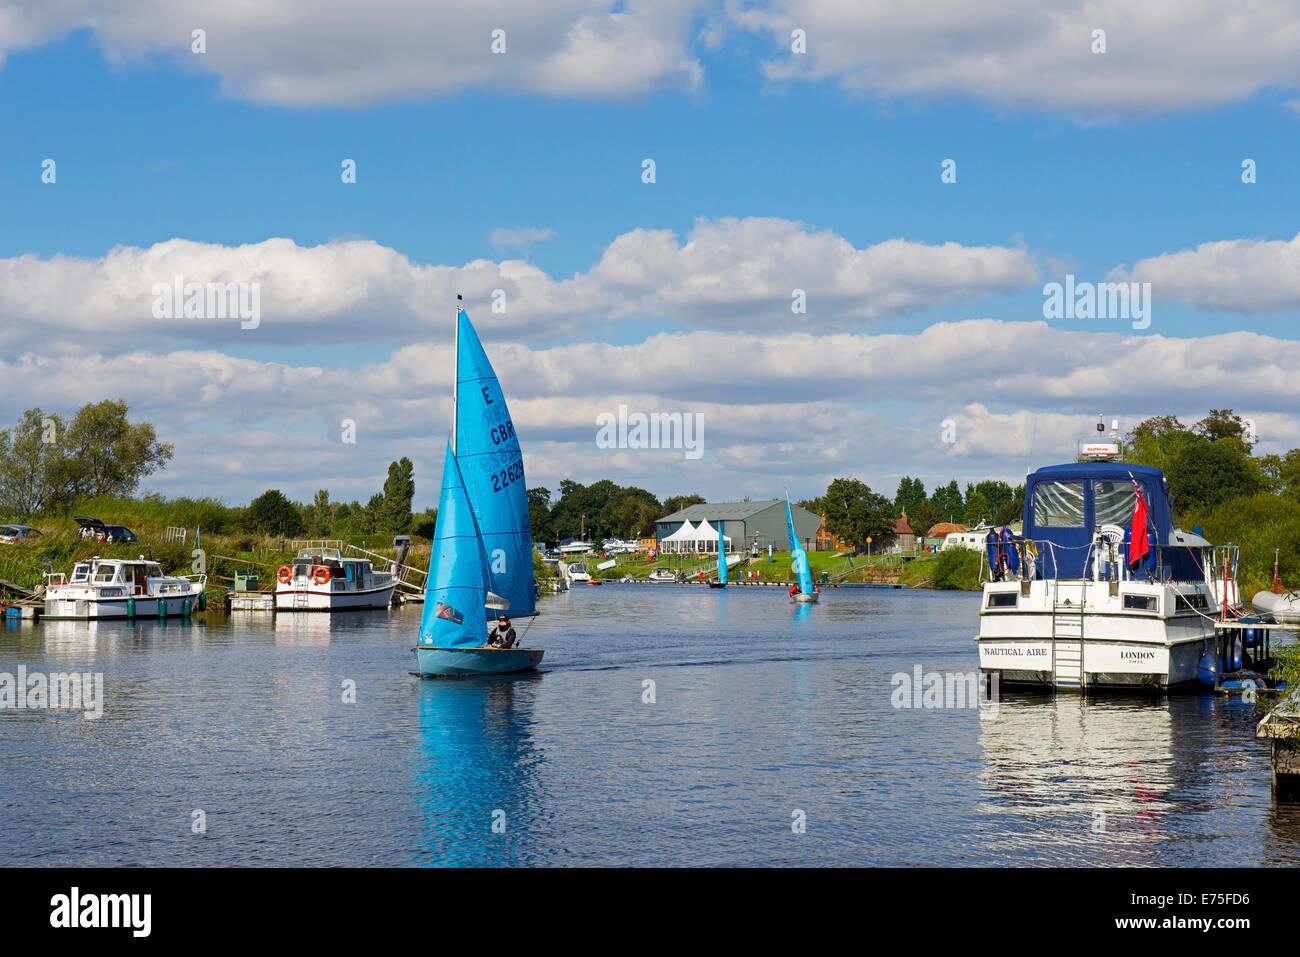 Bote de vela en el río Ouse en Naburn, cerca de York, North Yorkshire, Inglaterra Imagen De Stock